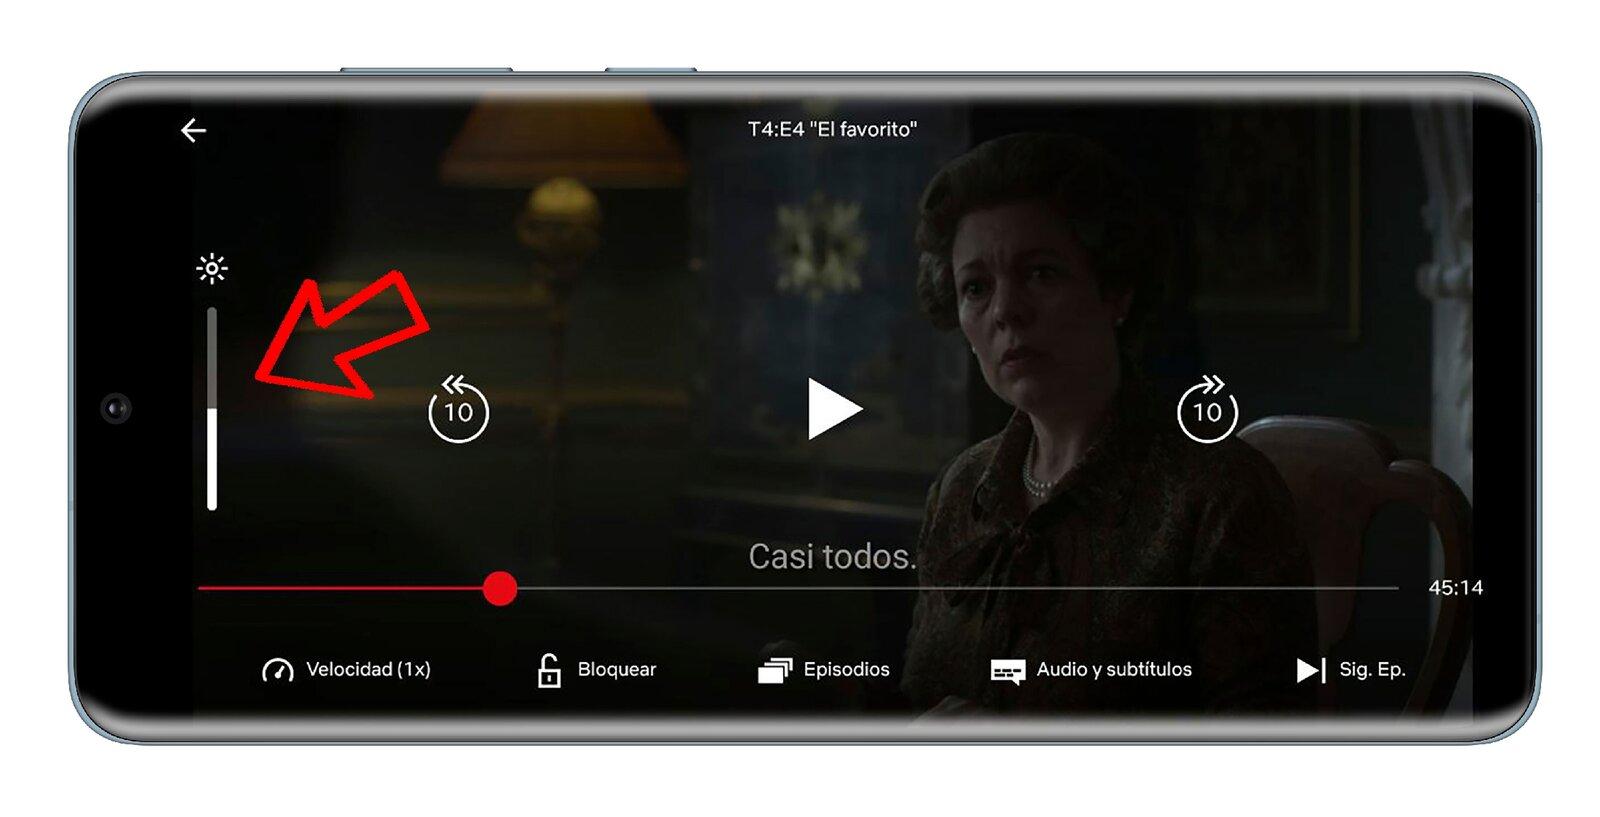 Modifier la luminosité dans l'application Netflix